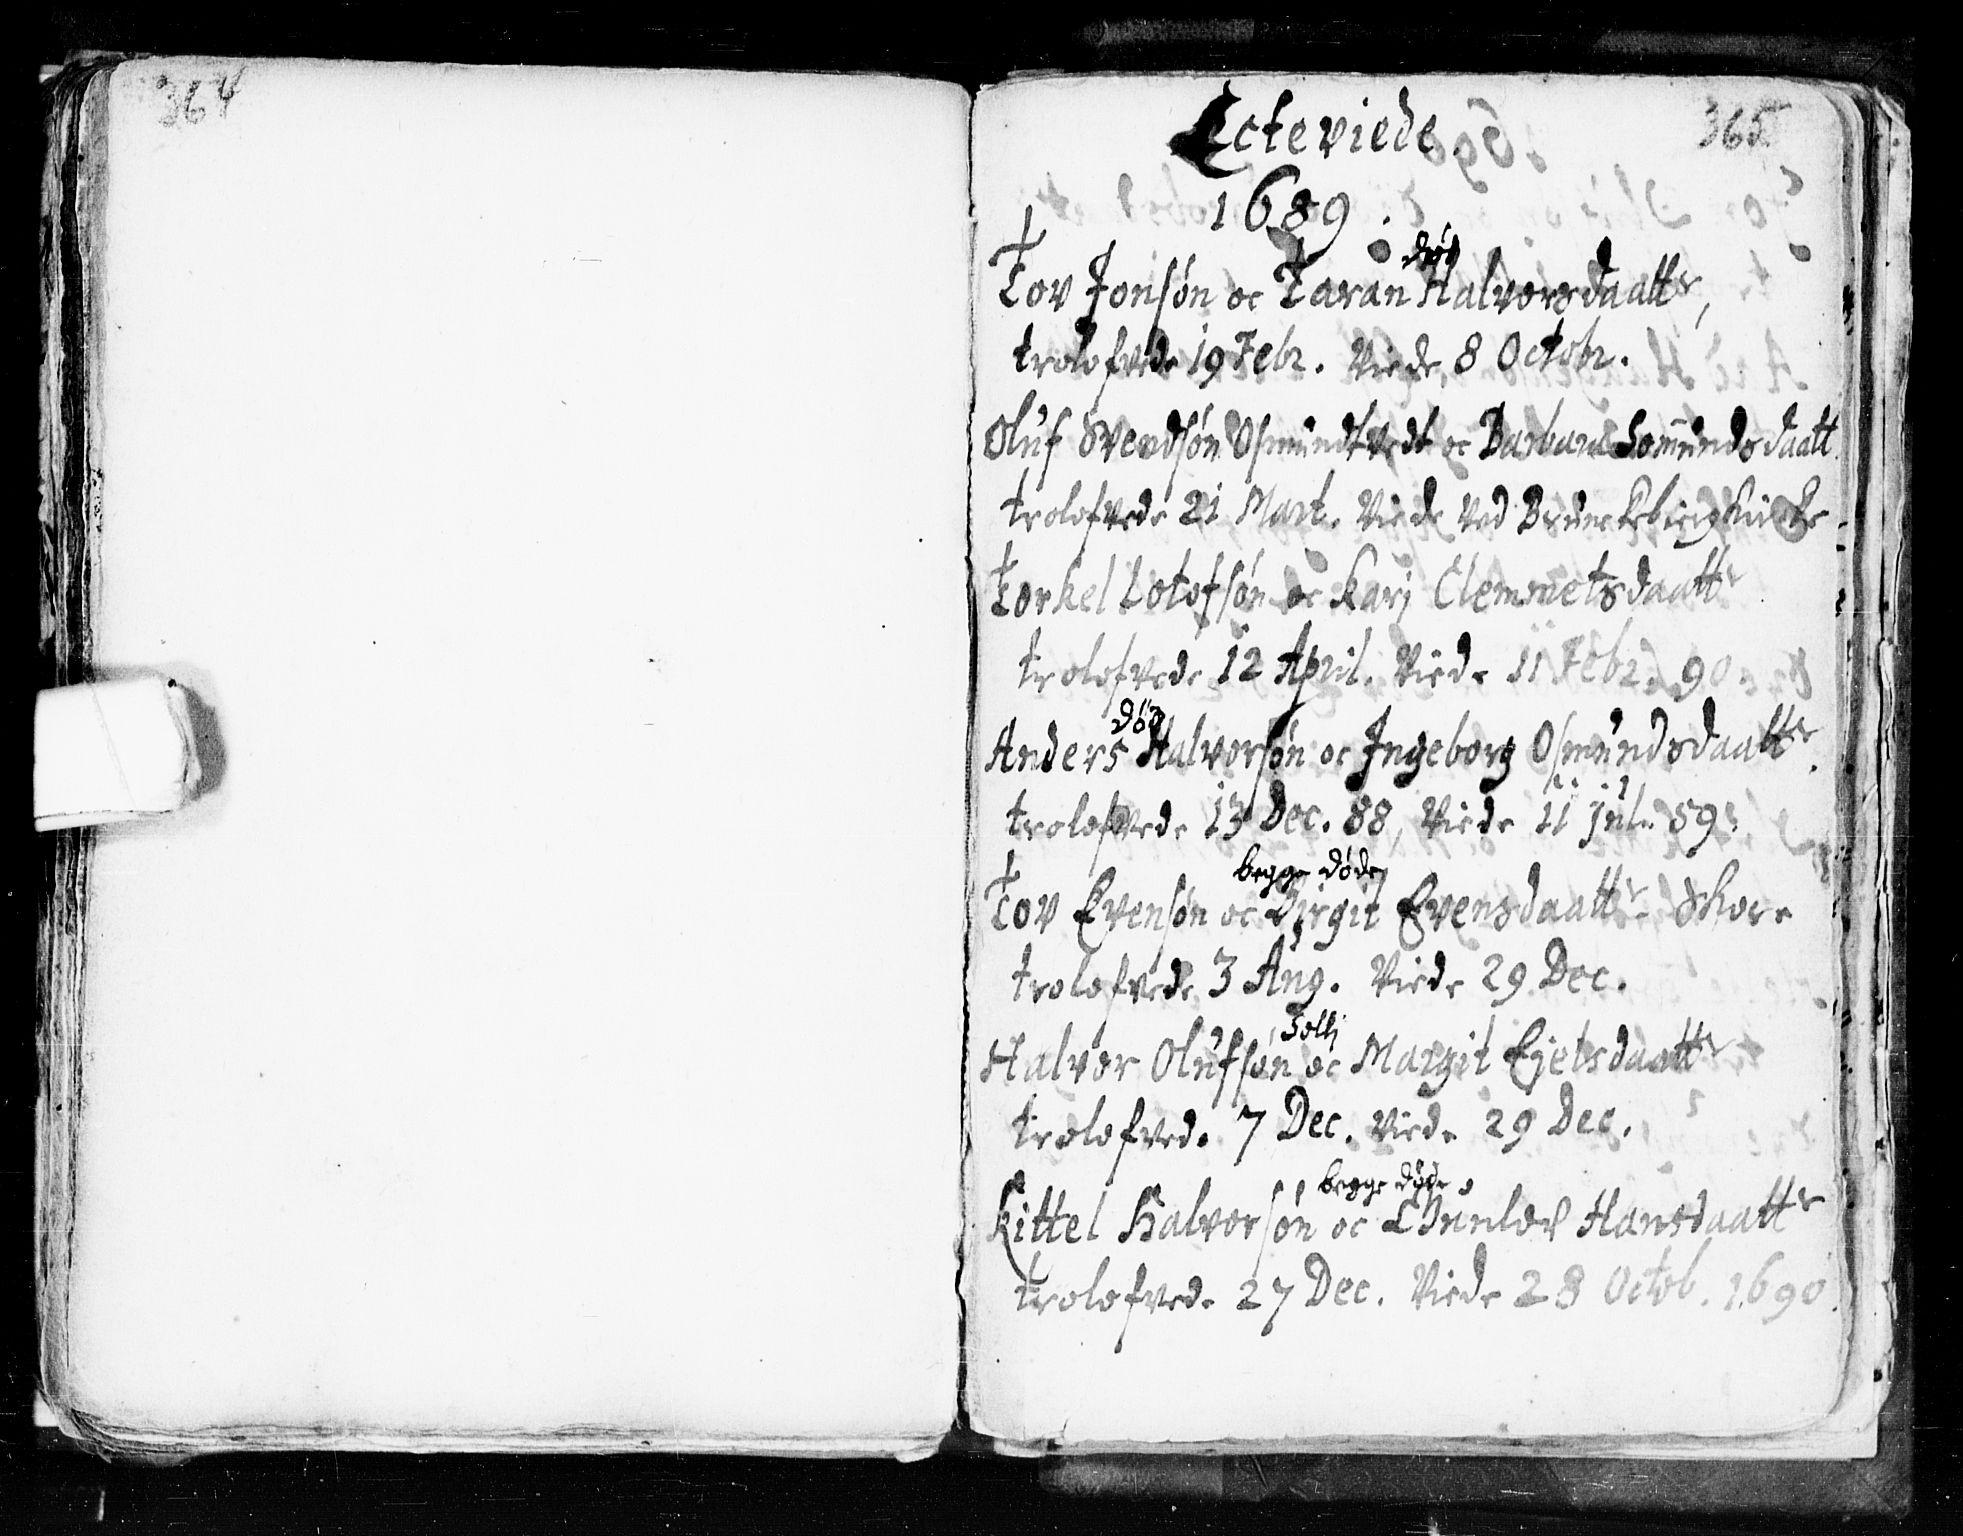 SAKO, Seljord kirkebøker, F/Fa/L0002: Ministerialbok nr. I 2, 1689-1713, s. 364-365